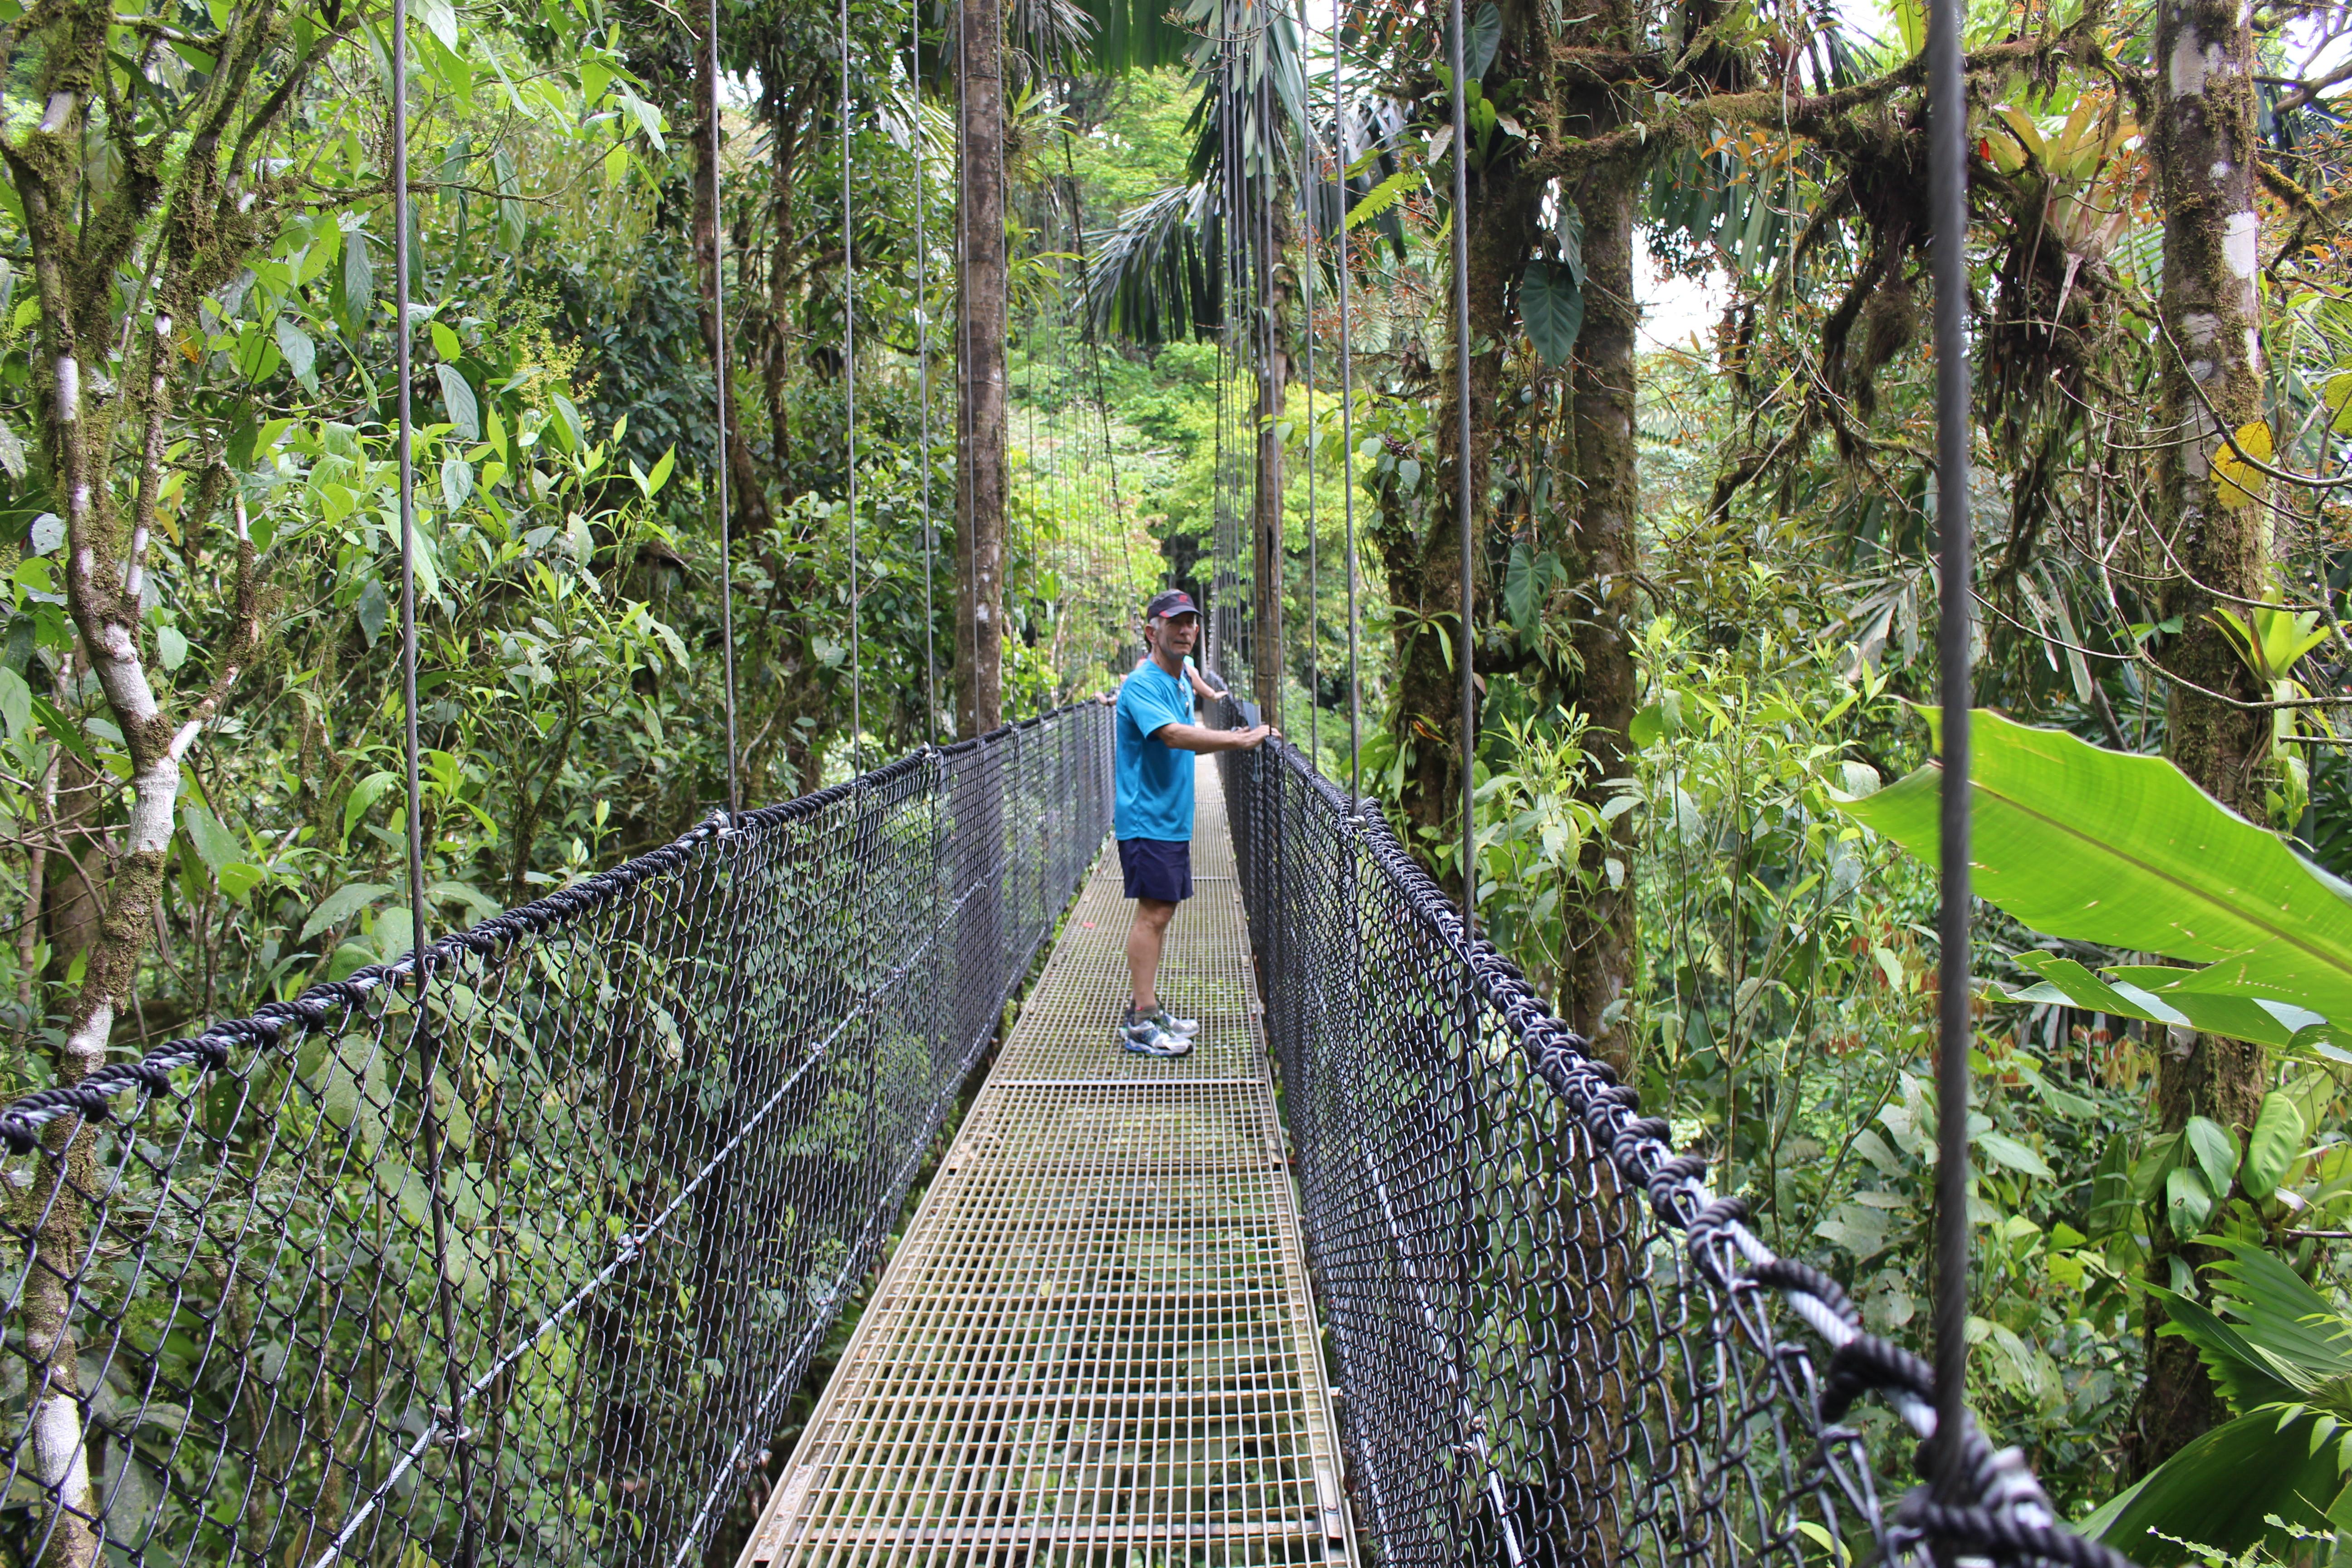 Hanging Bridges Hike